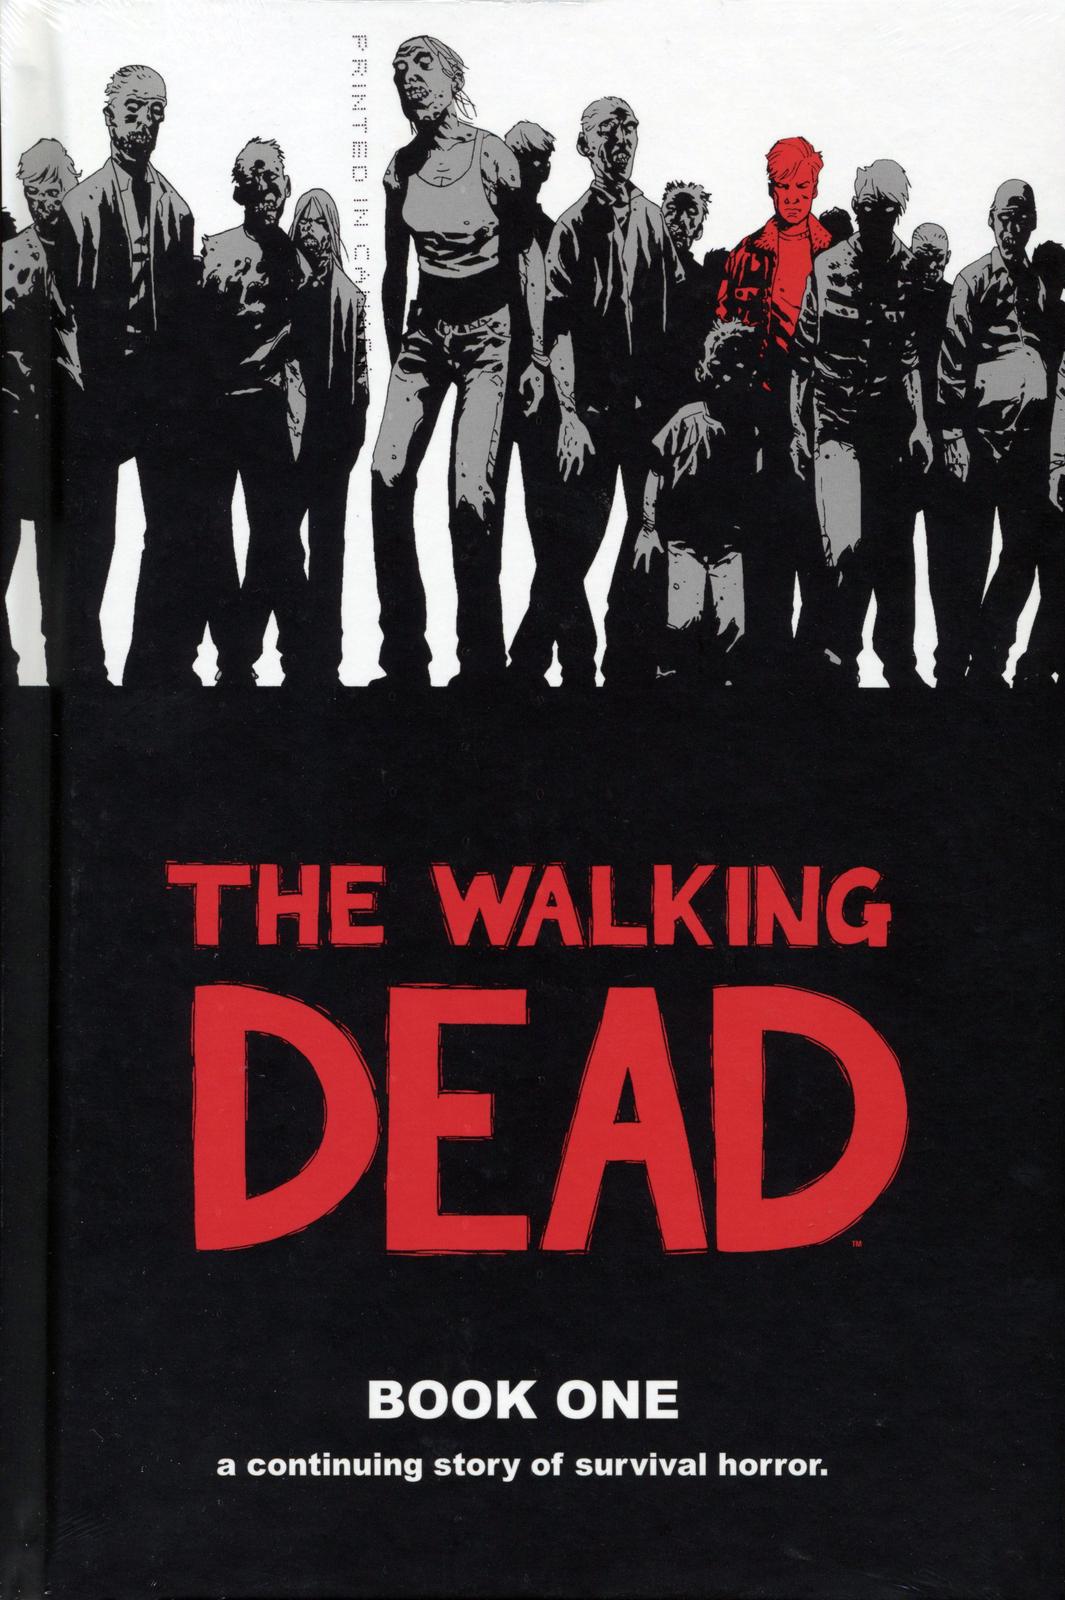 The Walking Dead: Bk. 1 by Robert Kirkman image